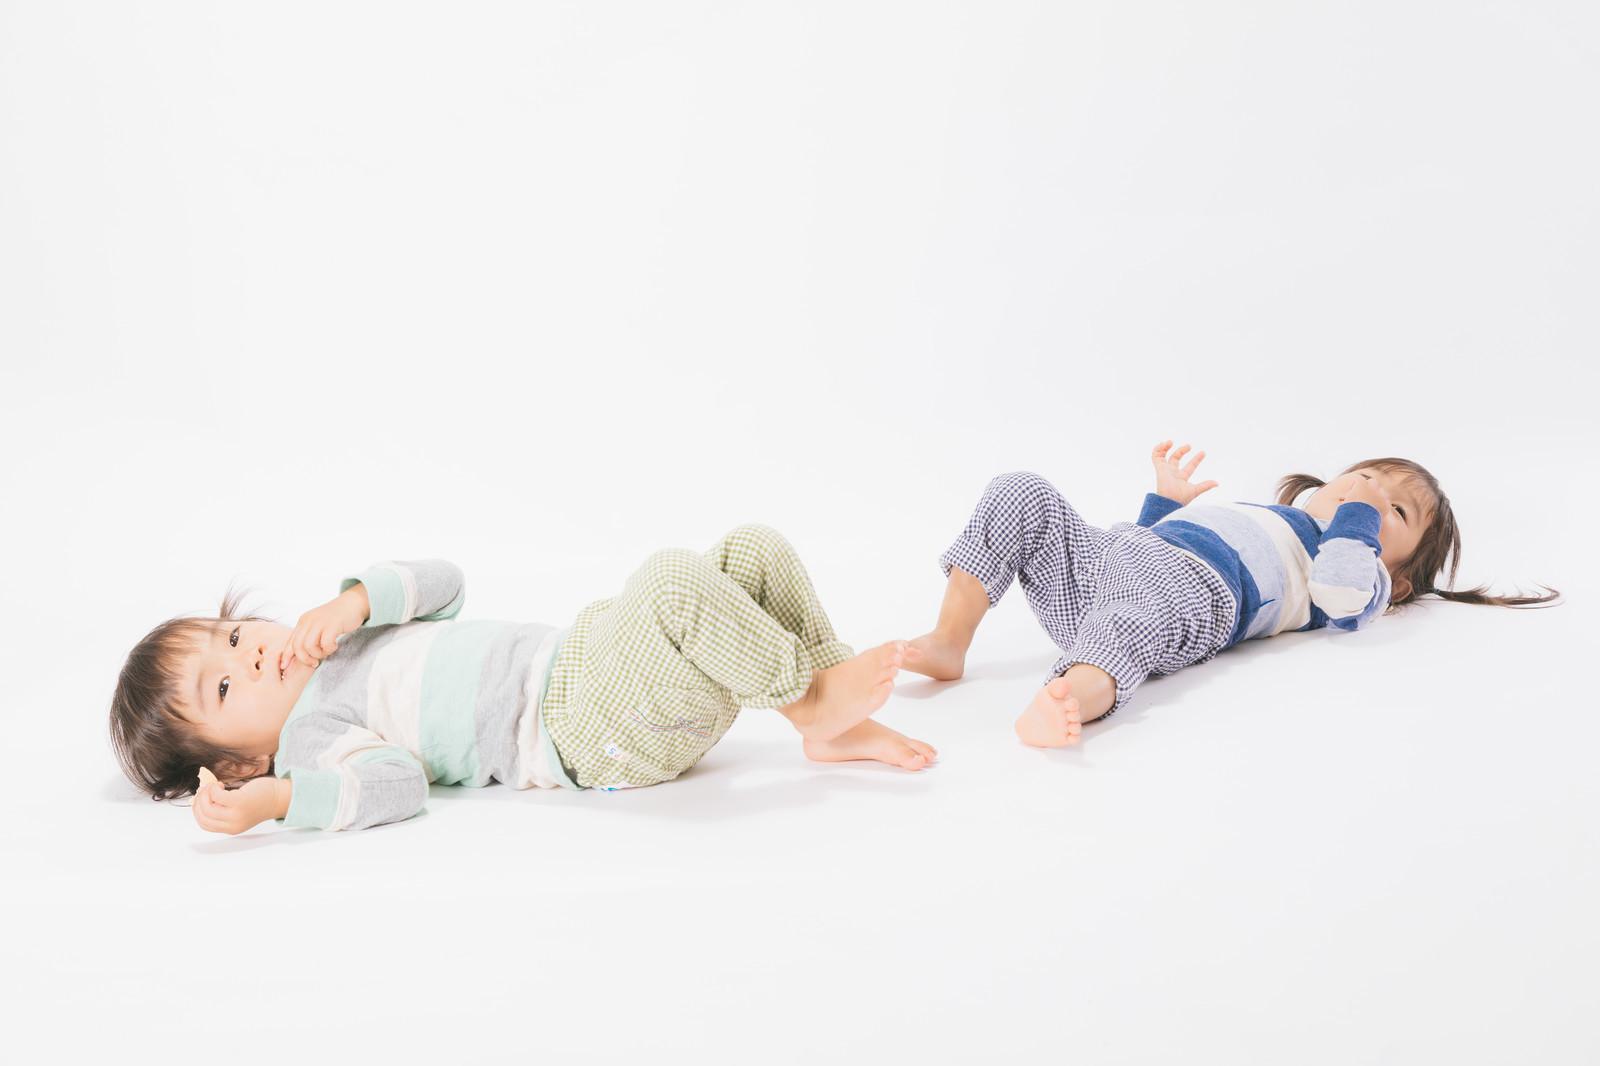 重症児 姿勢